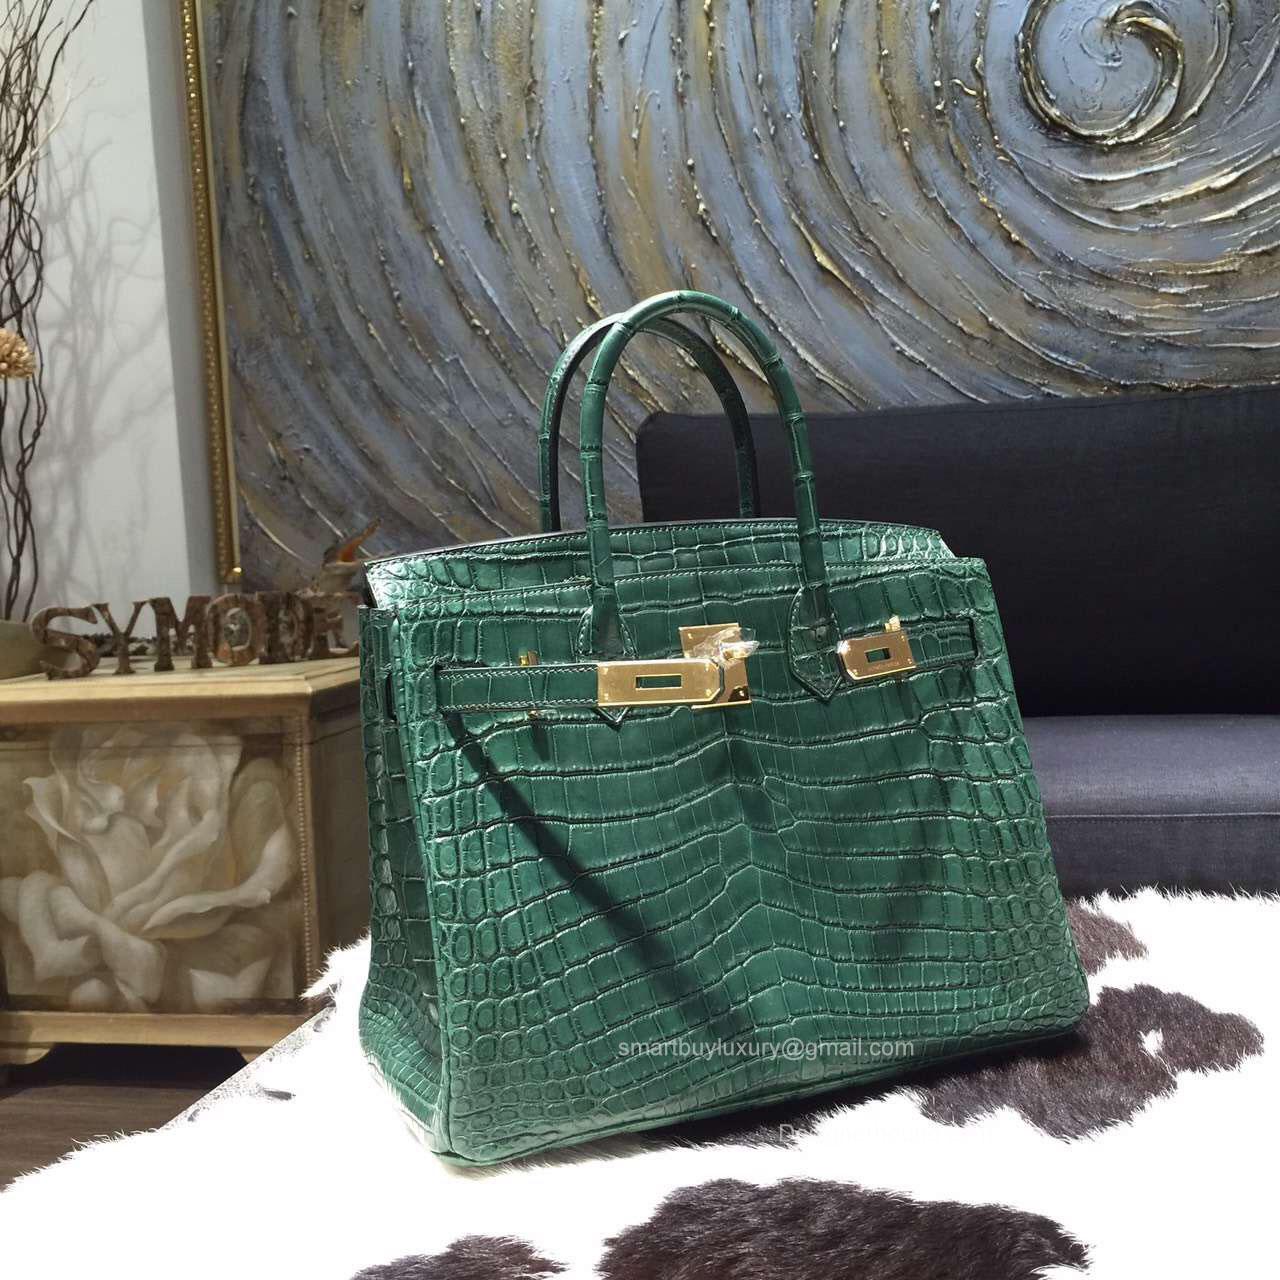 e4e414668d2a Hermes Birkin 30 Bag Vert Fonce Crocodile Leather Handstitched Gold hw -